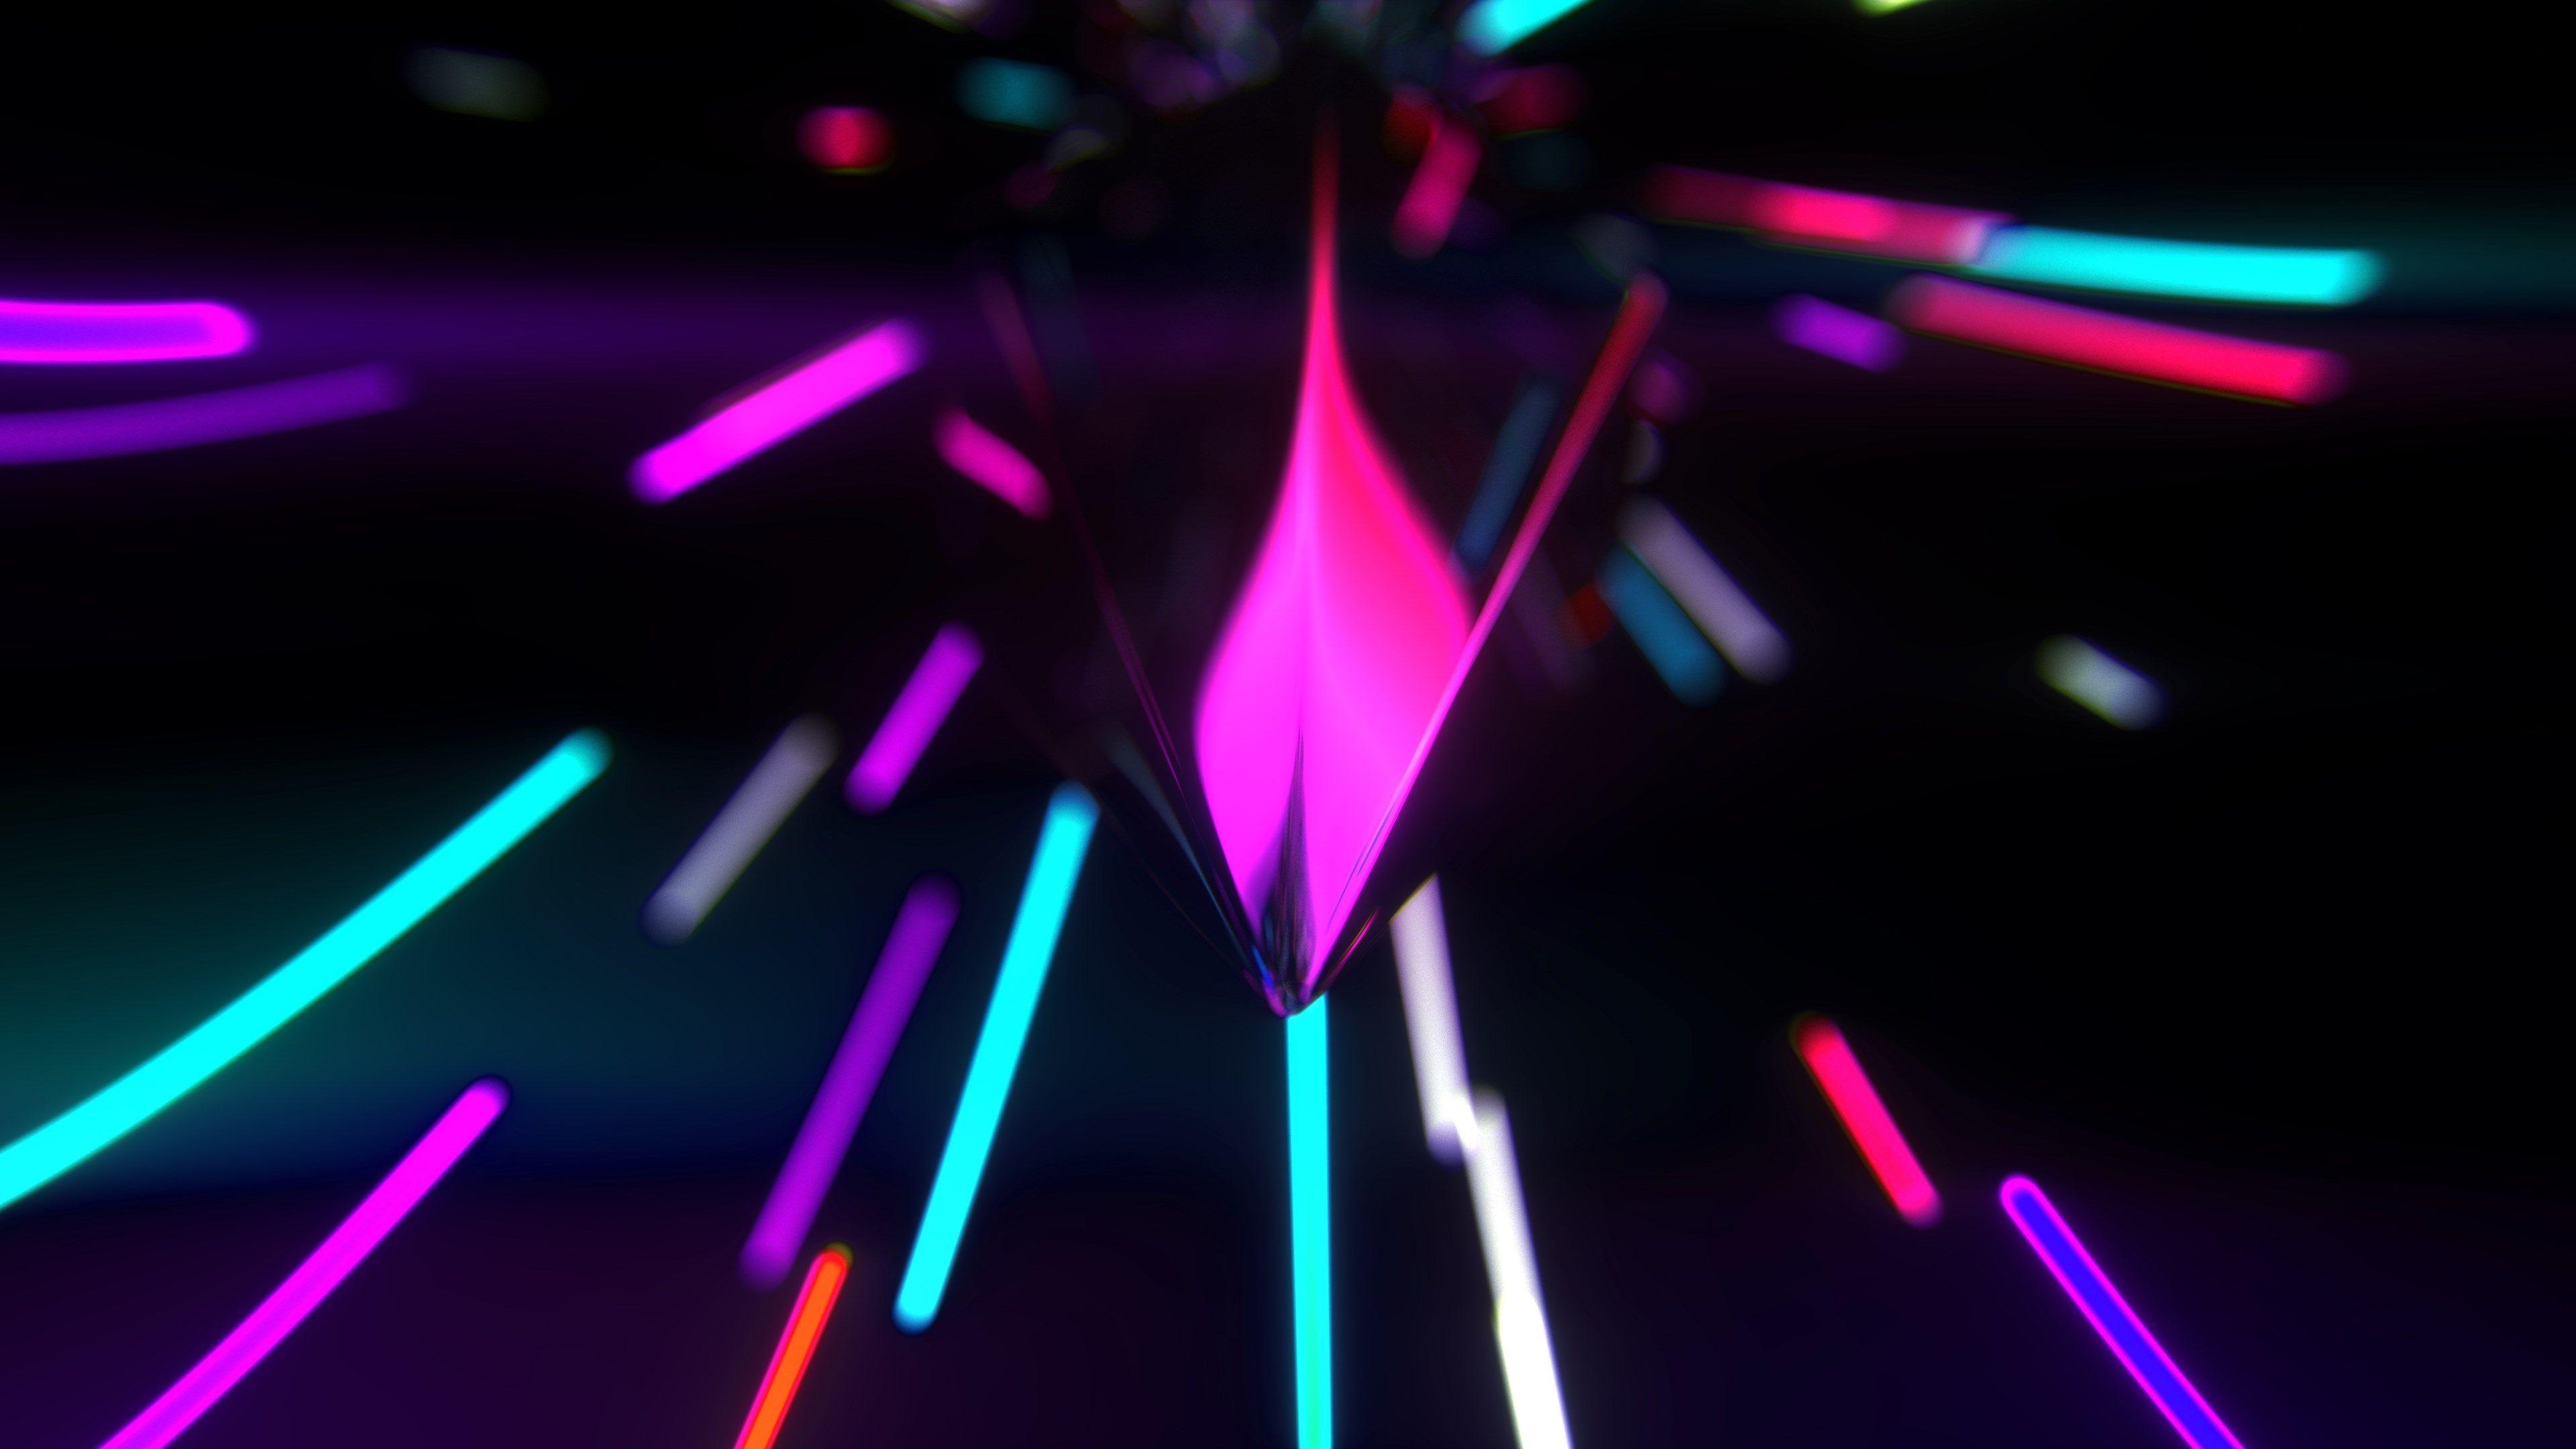 3840x2160 Neon Lights 4k Free Download Hd Desktop Wallpaper Neon Wallpaper Neon Light Wallpaper Wallpaper Iphone Neon